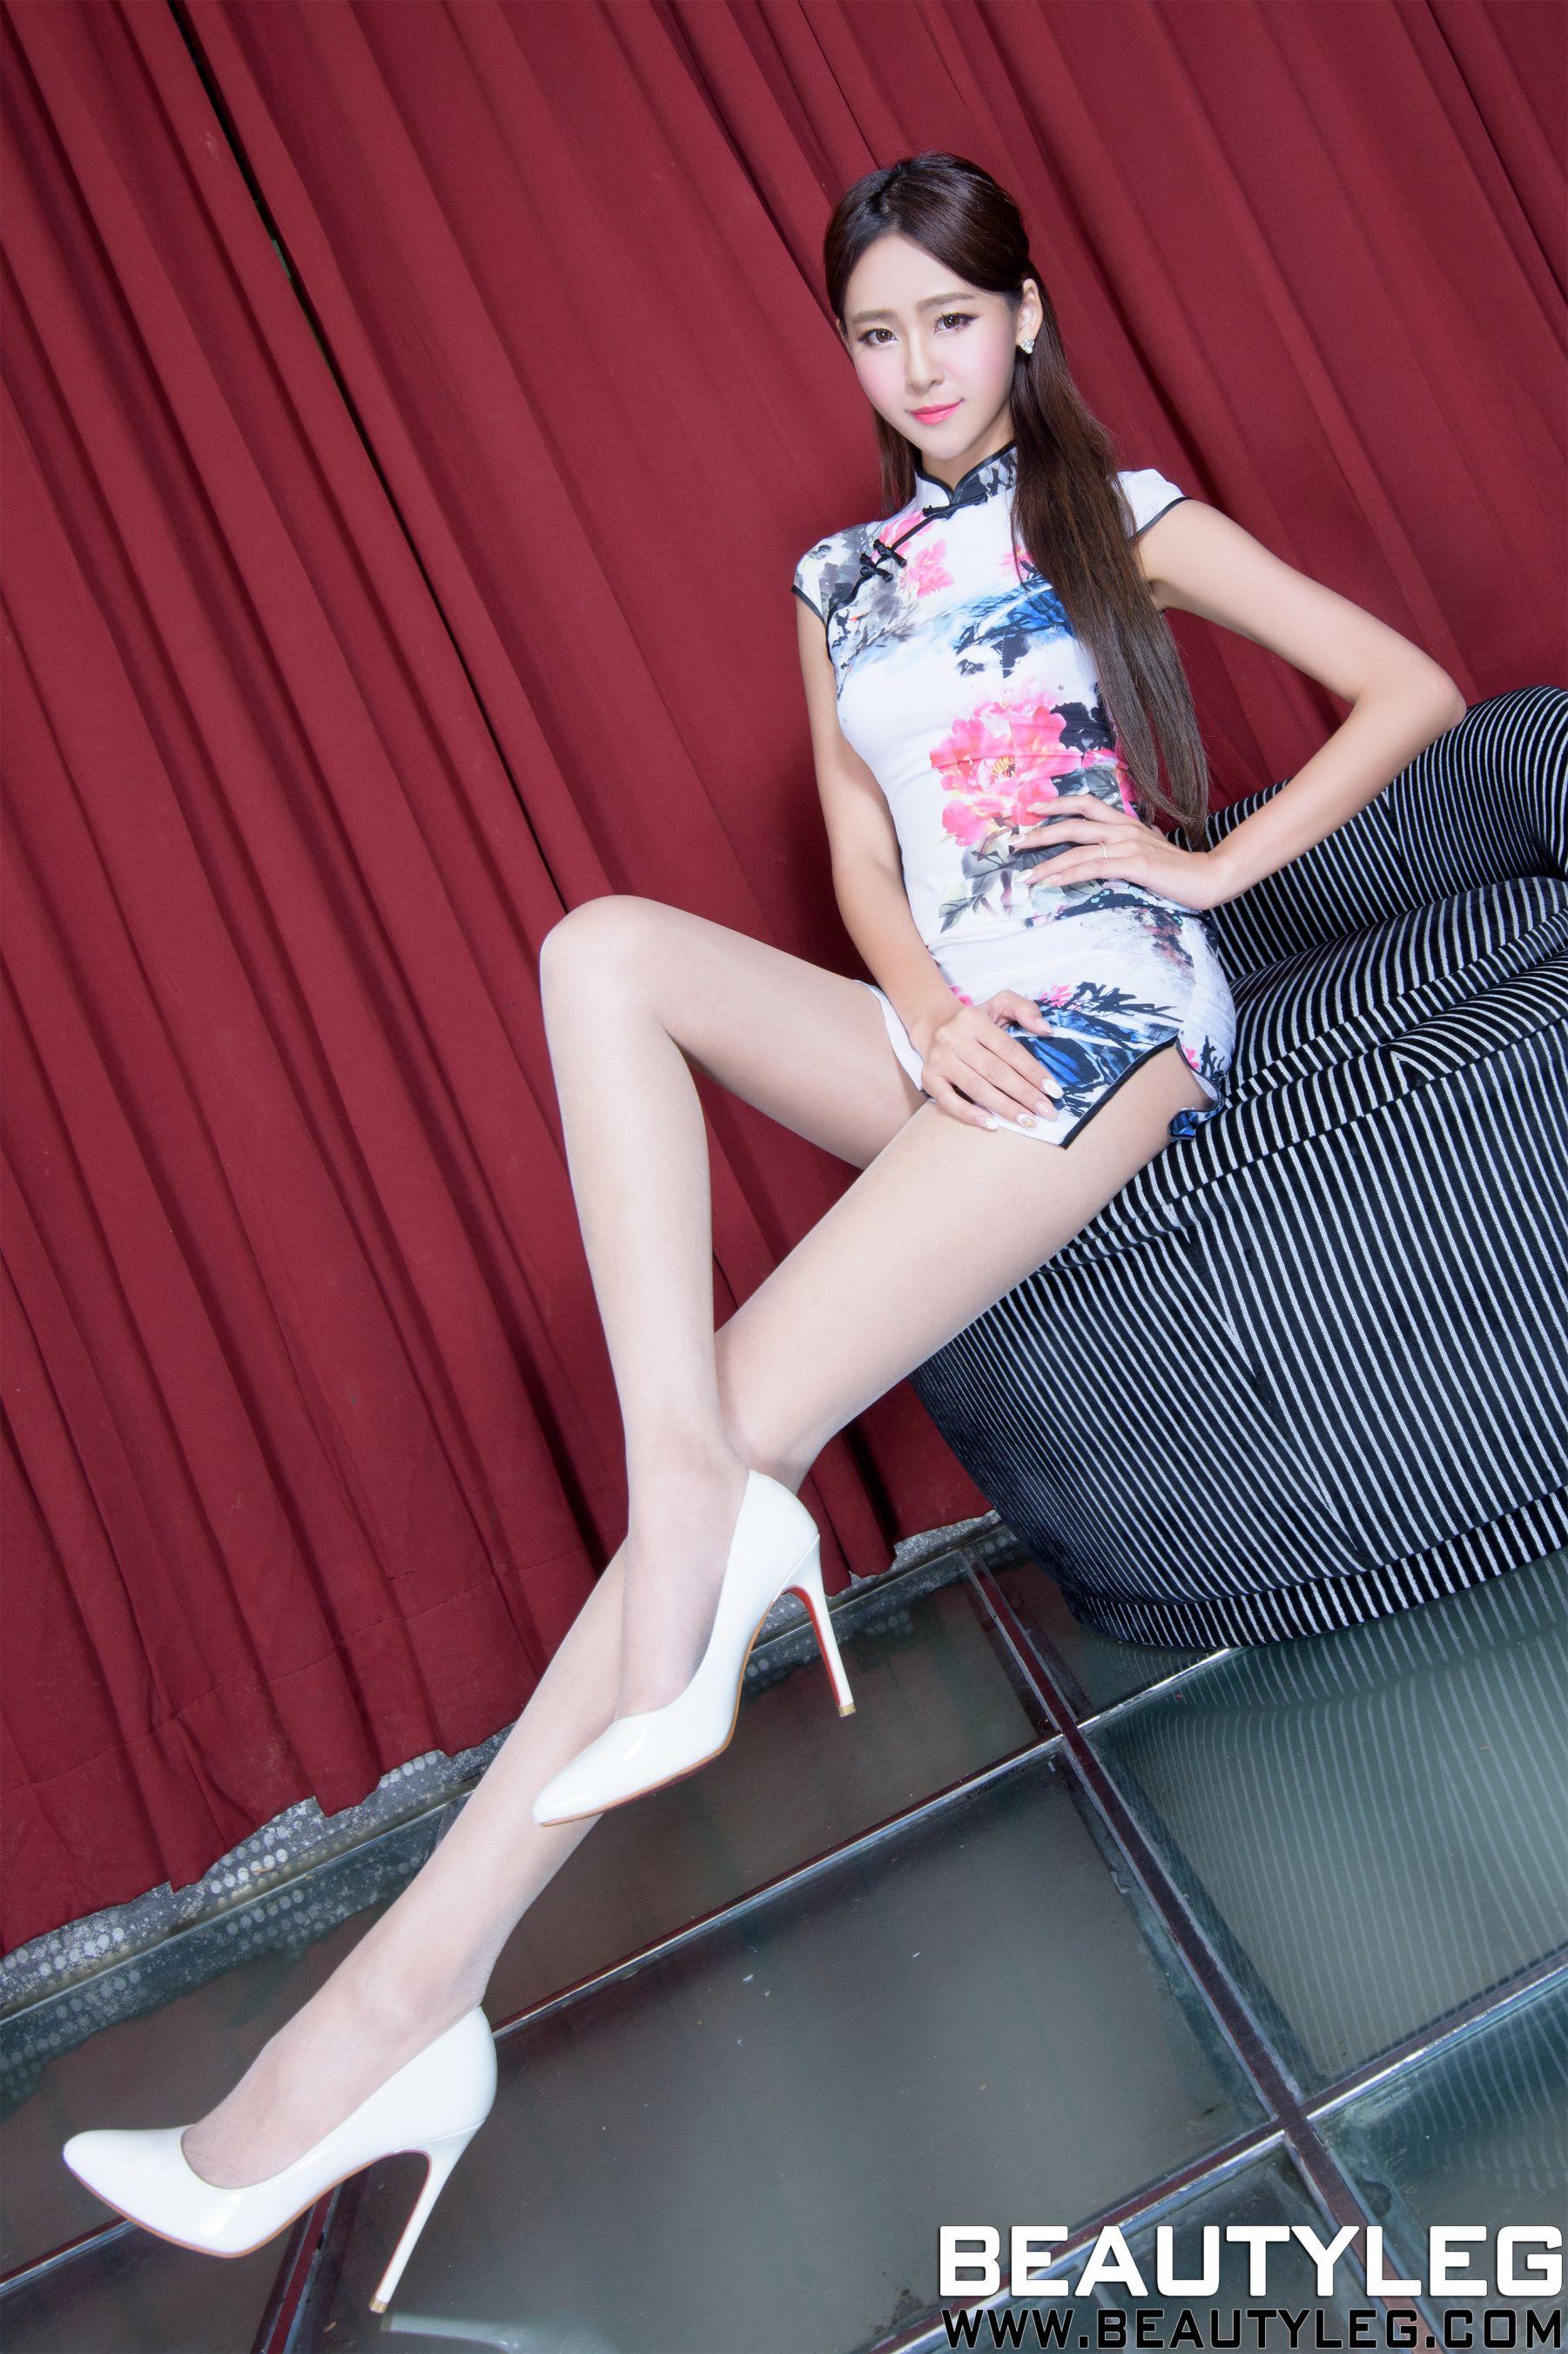 VOL.1534 [Beautyleg]美腿极品旗袍:Winnie小雪(庄咏惠,庄温妮,腿模Winnie)超高清个人性感漂亮大图(45P)